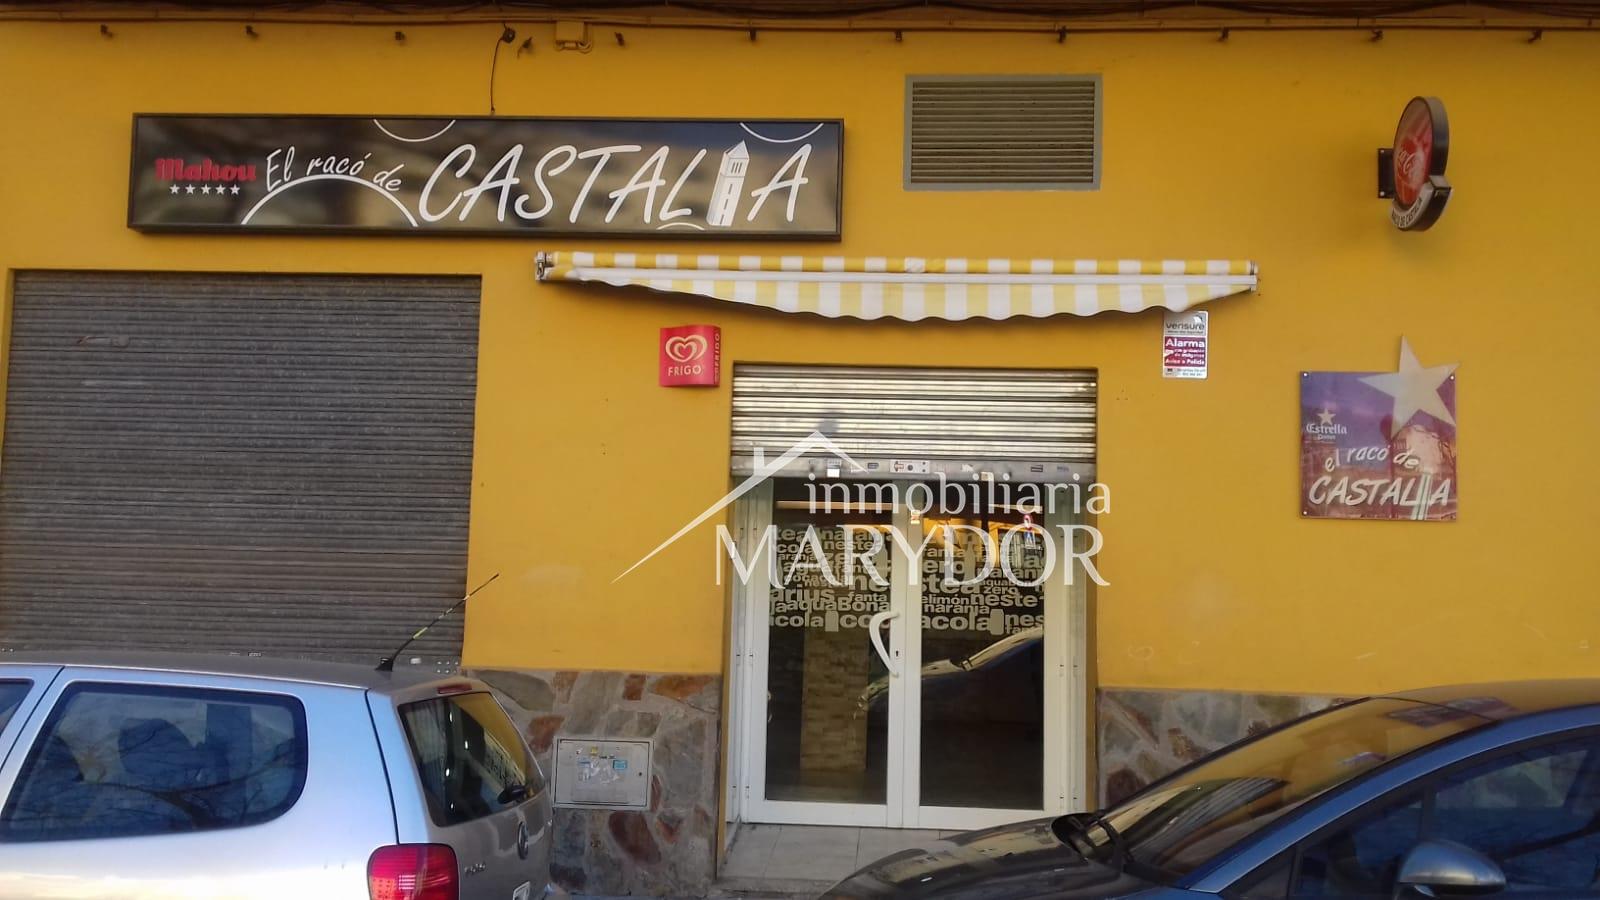 Bar Maria. Zona estadio Castalía. Bien situado en una zona de paso de mucha gente